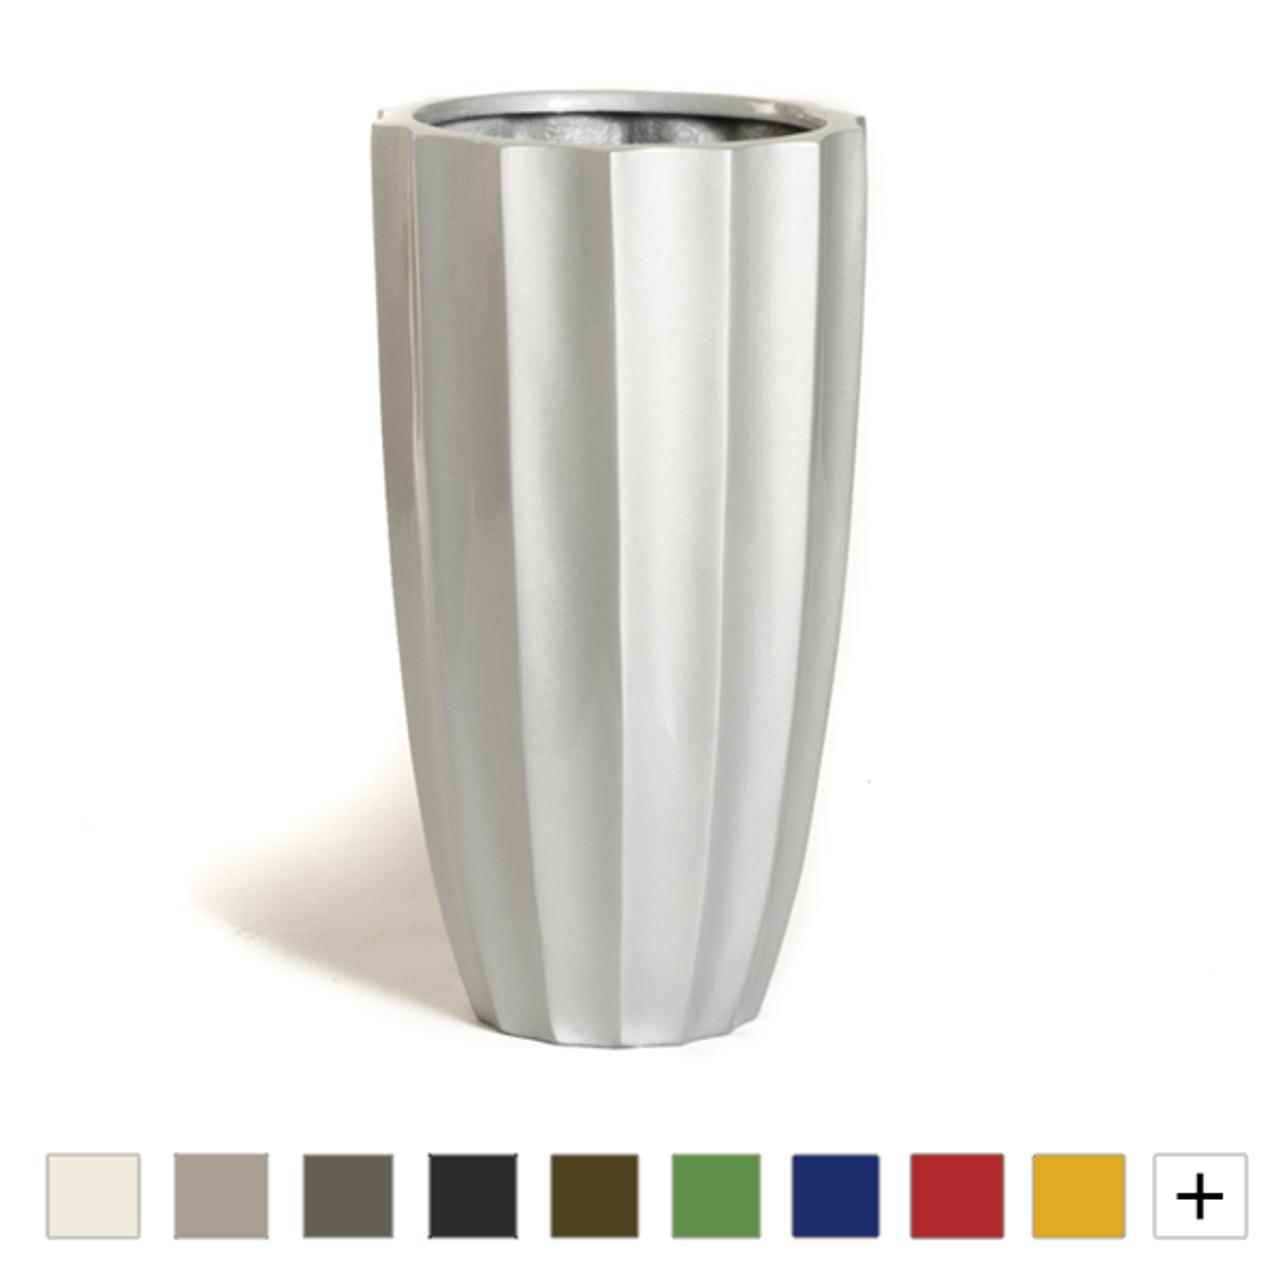 fluted modern fiberglass planter